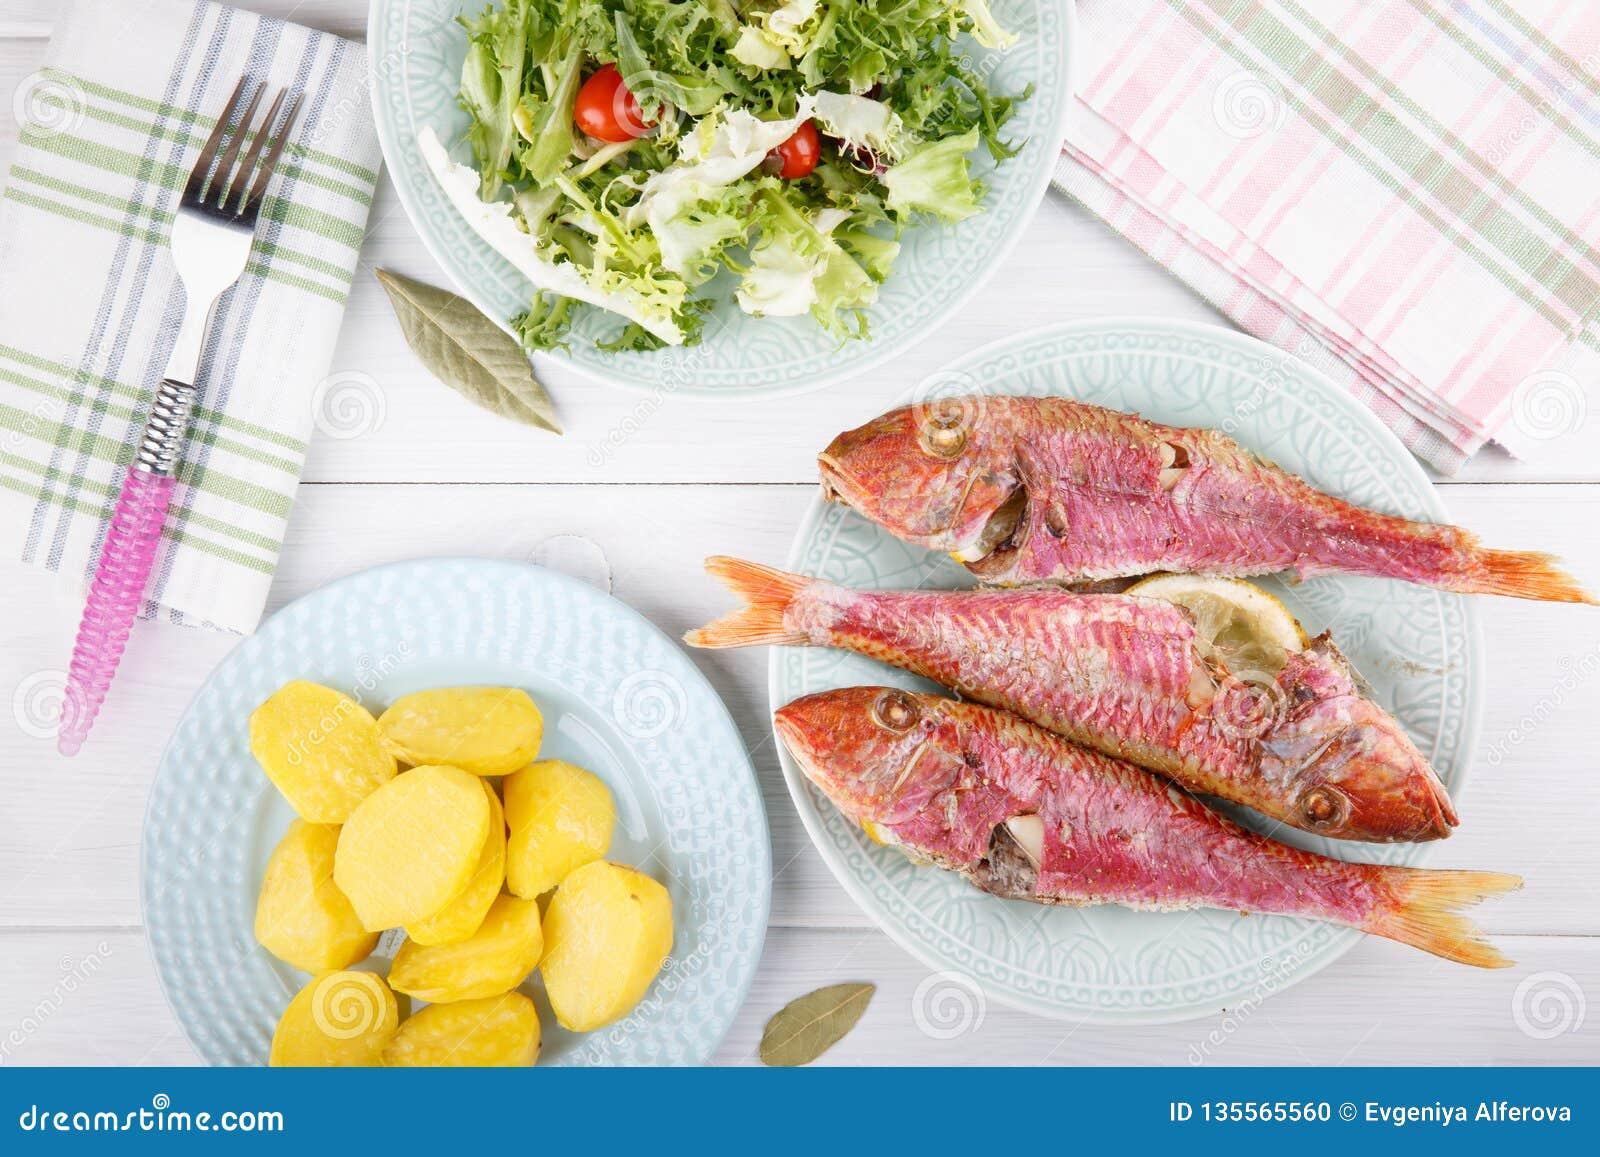 Triglia cotta servita con le patate e l insalata verde bollite